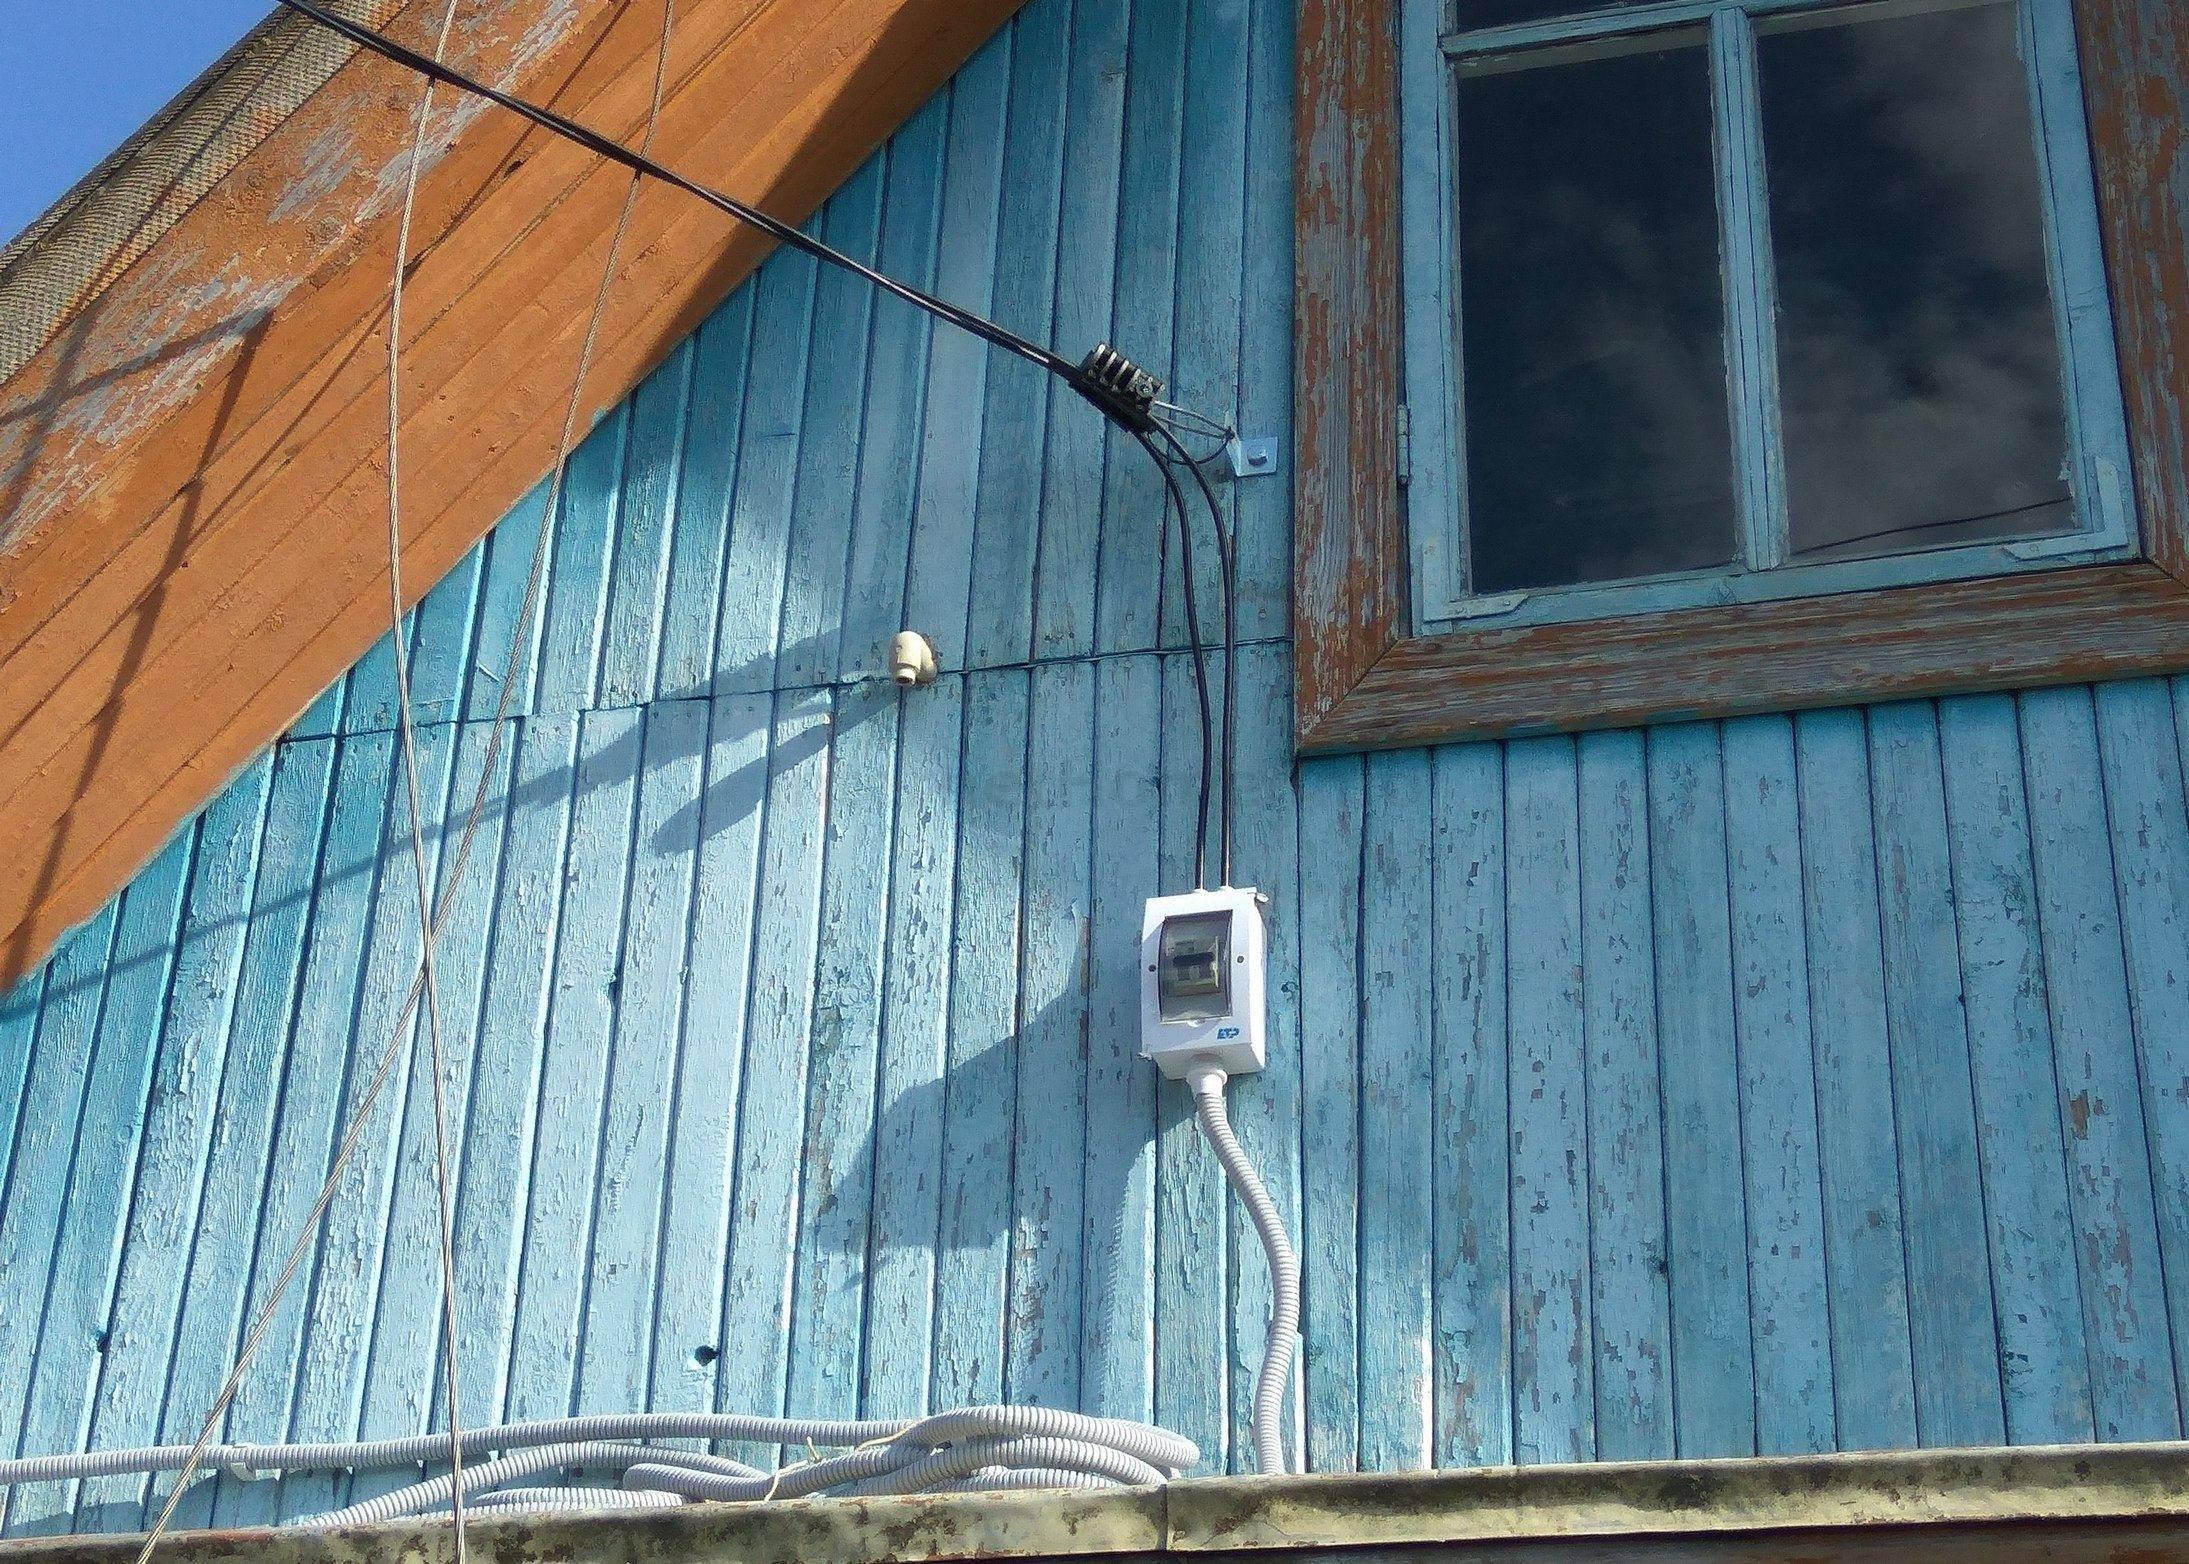 Ввод электричества в дом: как подвести безопасно и надежно электросеть (85 фото + инструкция)